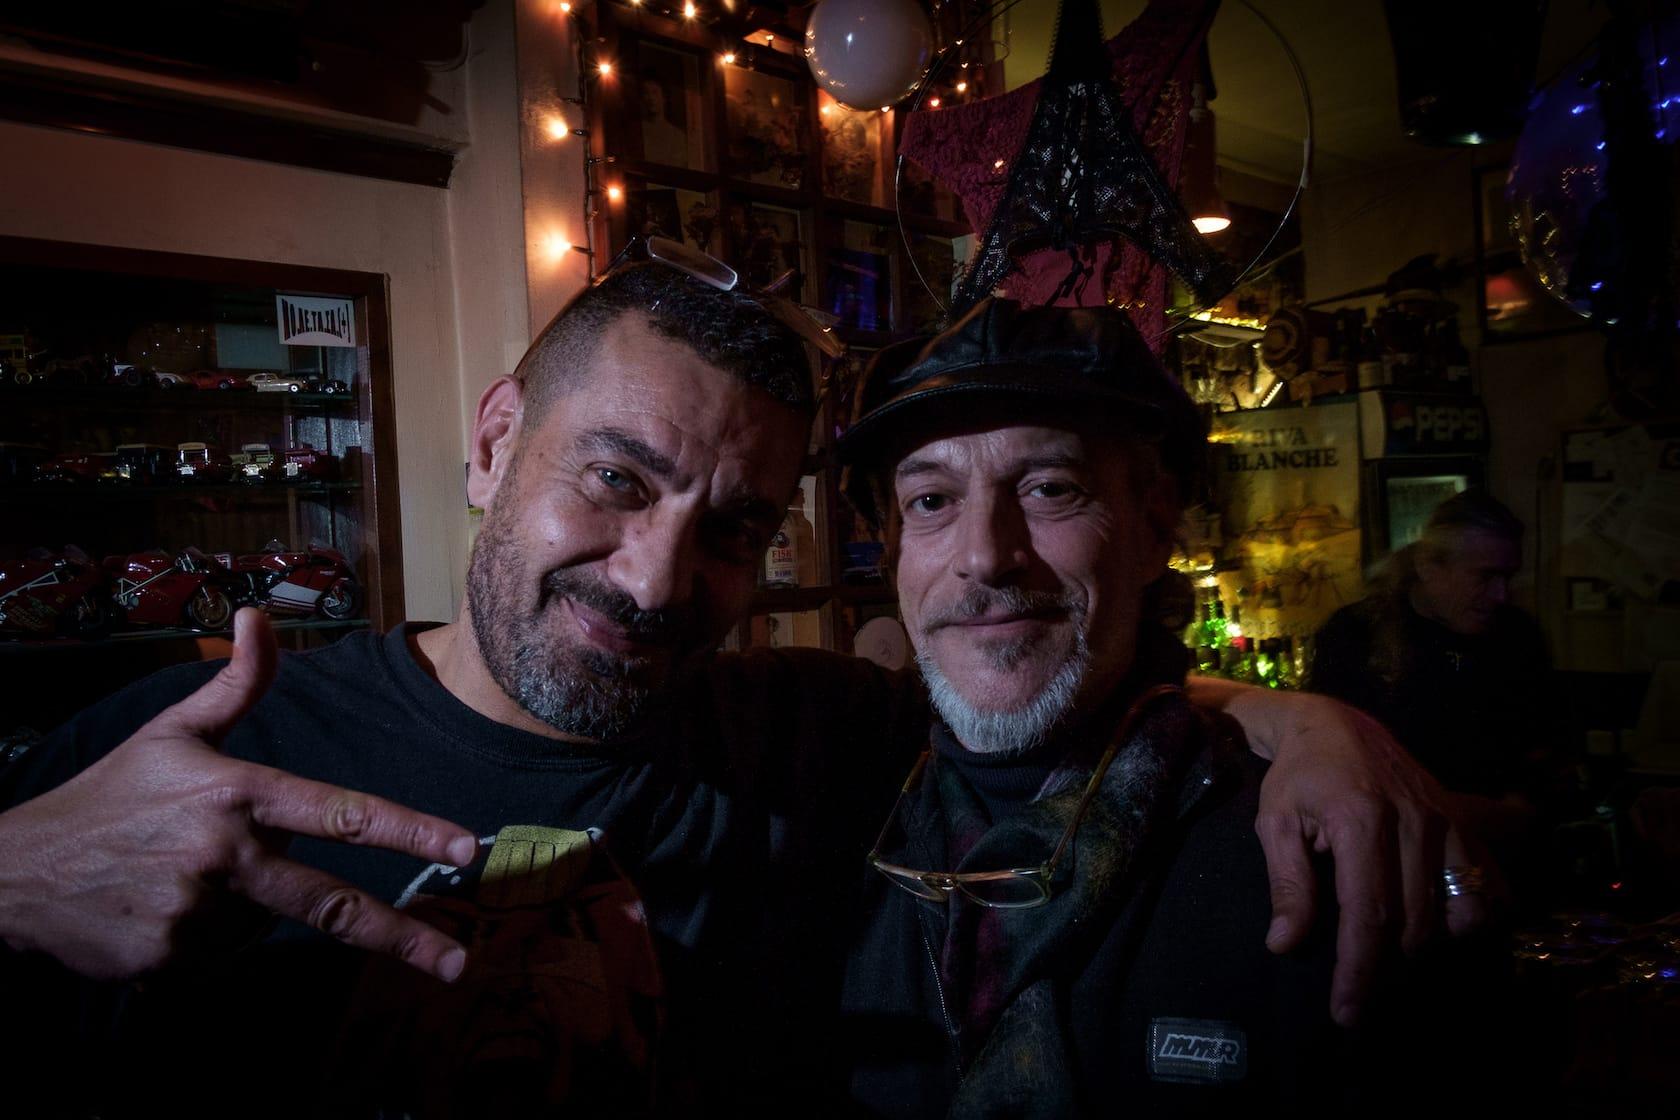 Yiannis Yiasaris and Nikos Vukiklarakis